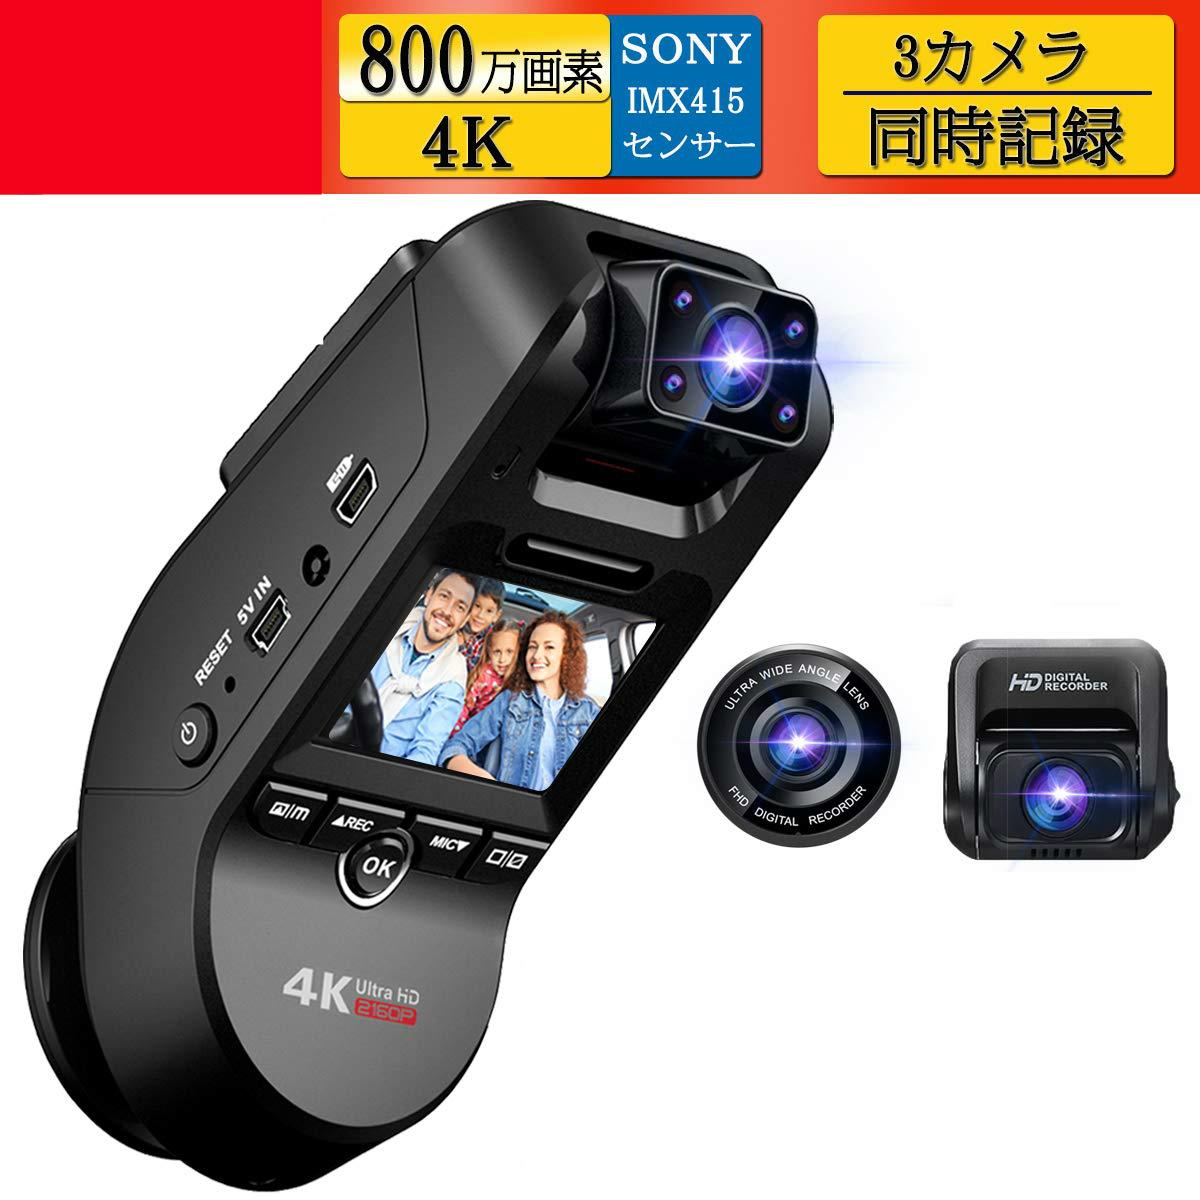 新品未使用送料無料 令和最新版ドライブレコーダー 3カメラ搭載 前後カメラ 4K GPS内蔵 800万画素 前後カメラ 2.0インチ 1080PフルHD 暗視